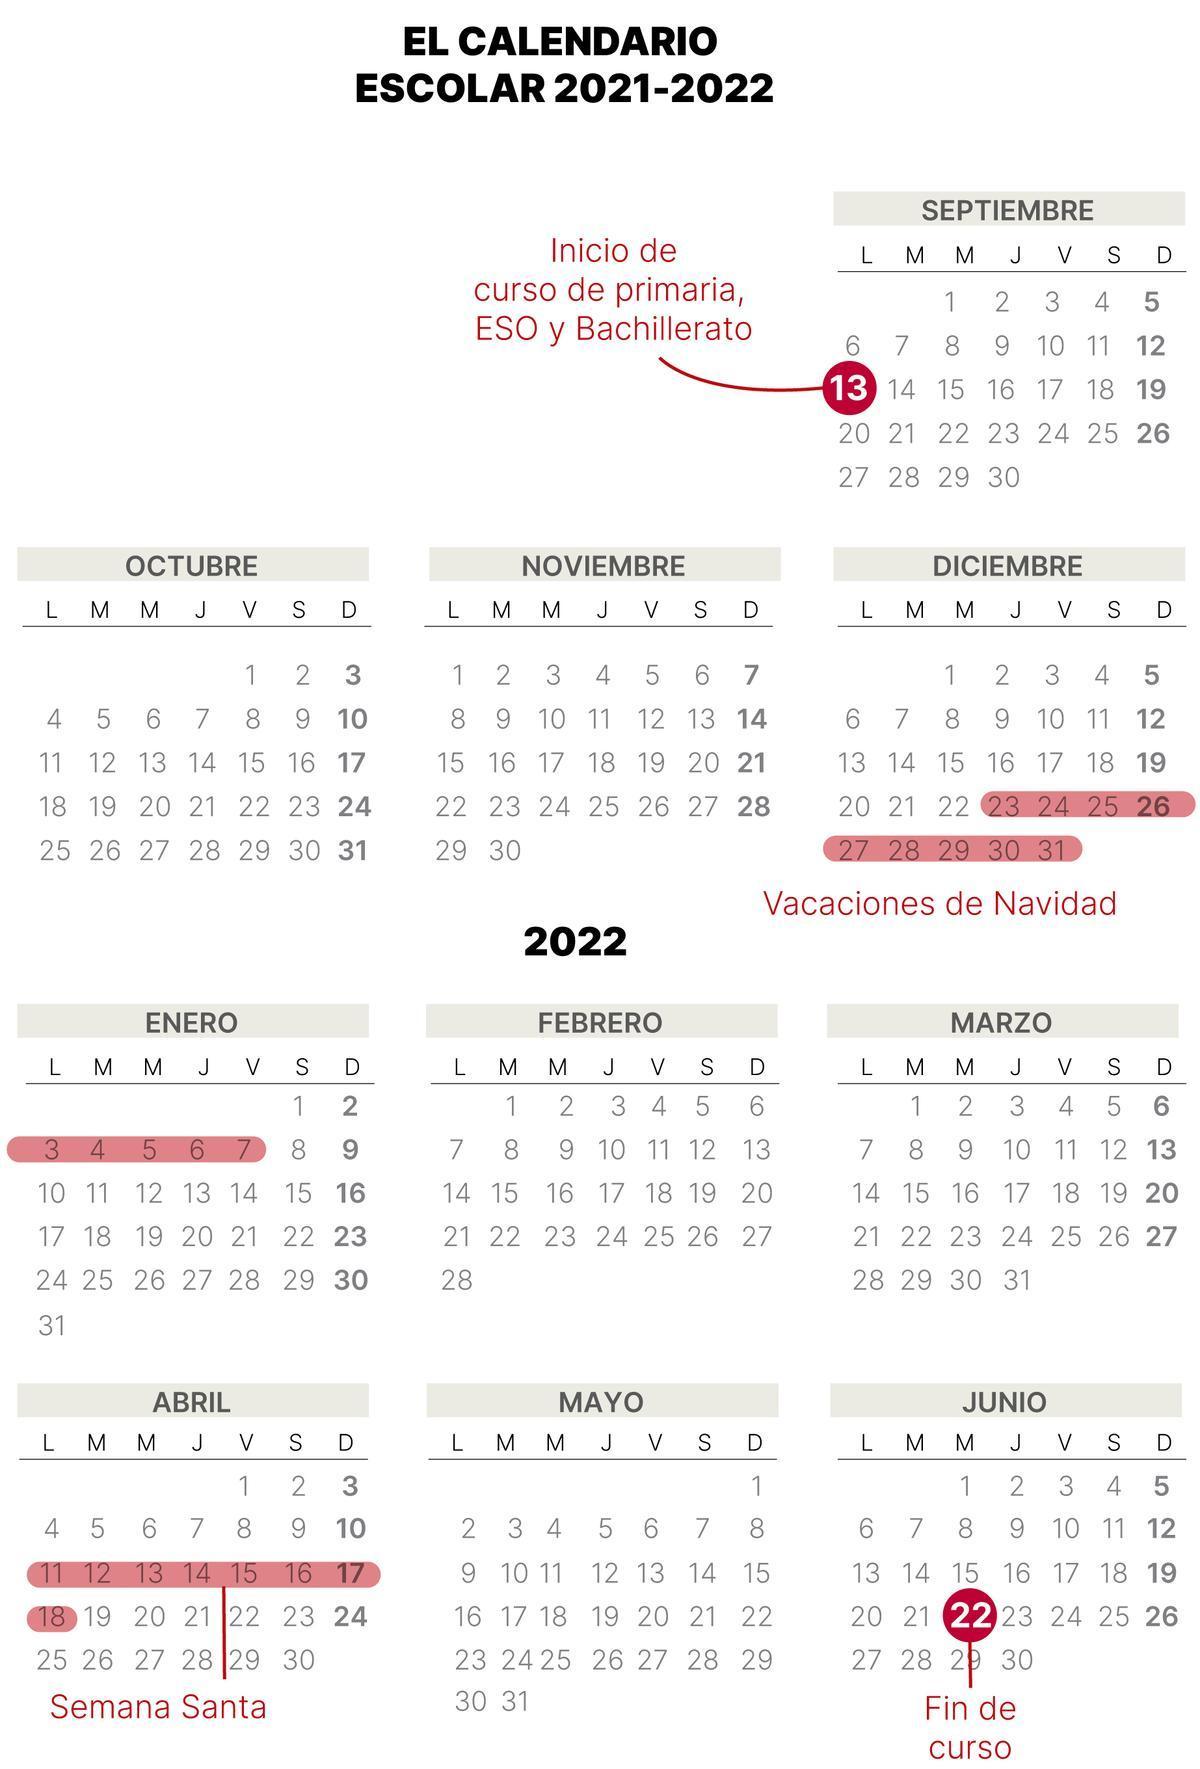 Aquestes són les dates clau del calendari escolar de Catalunya 2021-2022